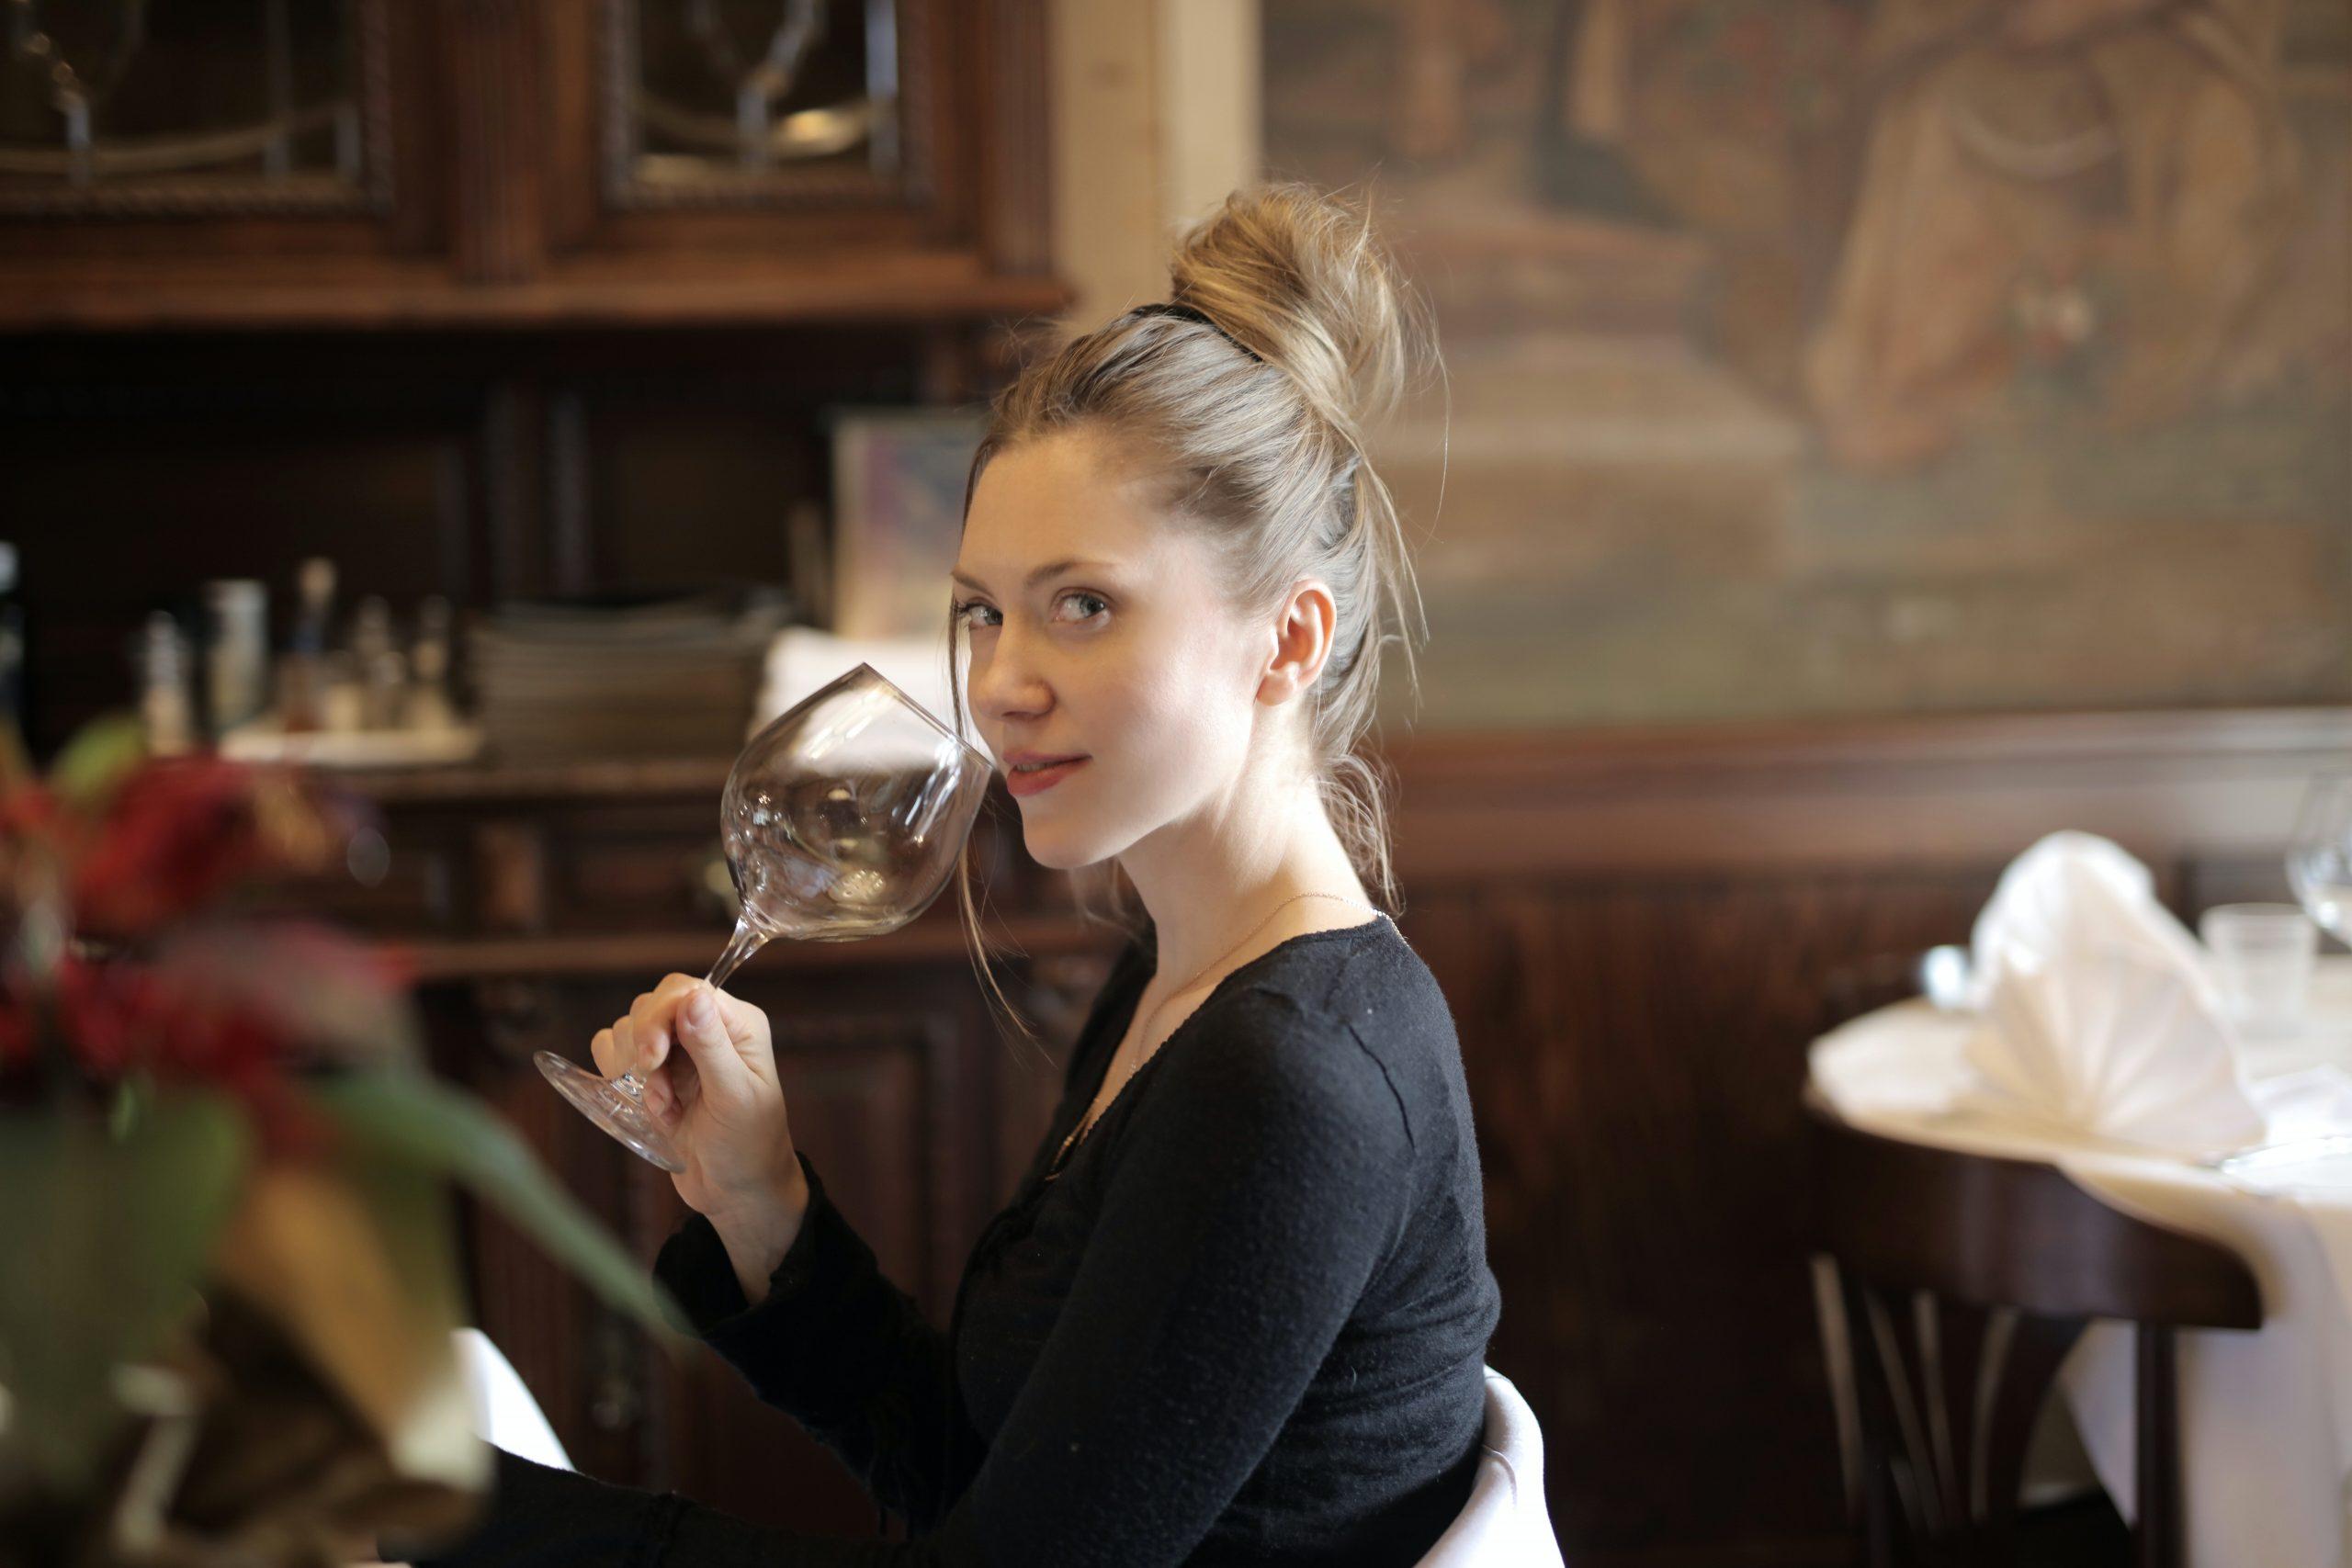 chica tomando vino